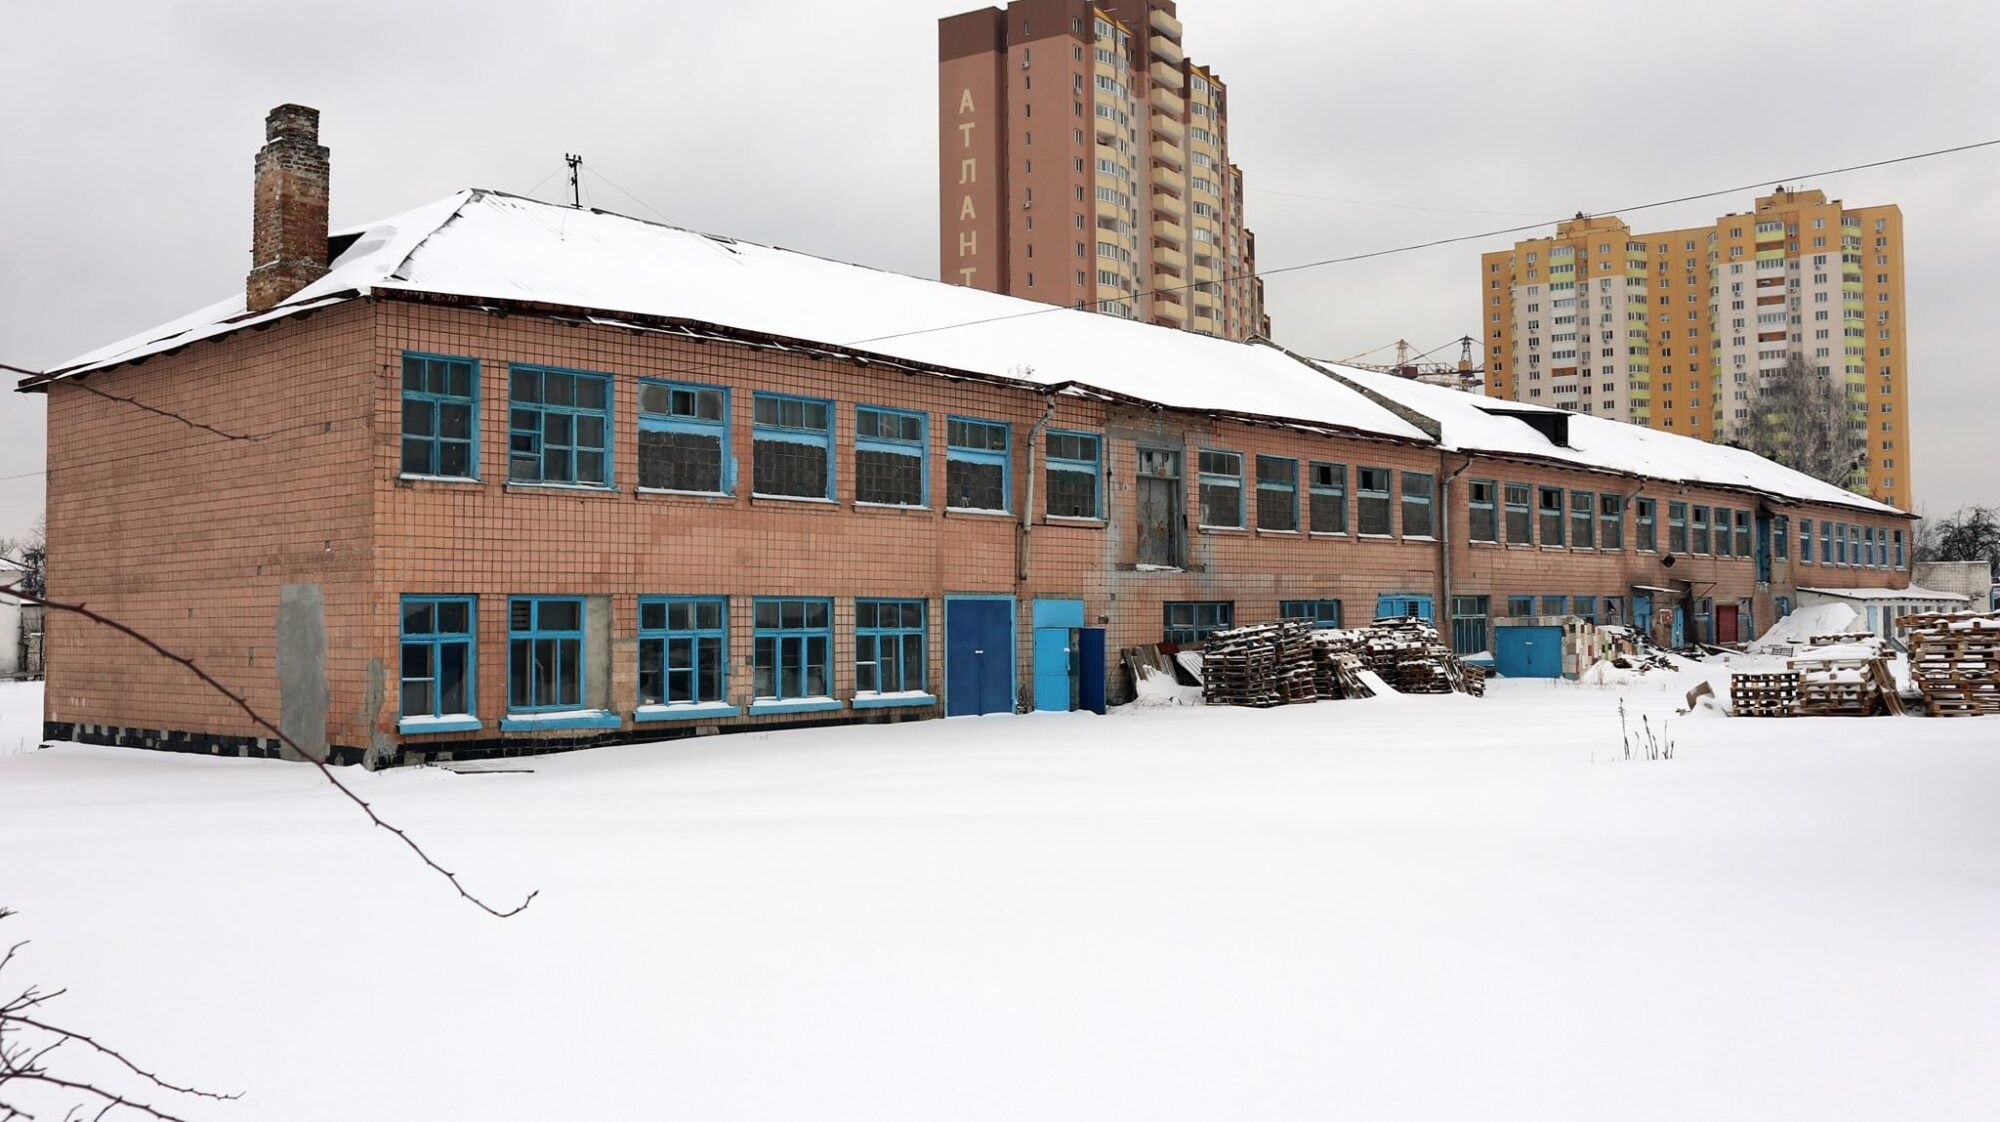 «Перший пішов»: за 220 млн грн продають Ірпінський виправний центр - розпродаж, Малюська, Ірпінський виправний центр, в'язниця, Аукціон - d4d7969c 467f 43f9 817a 06c84032ab10 2000x1122